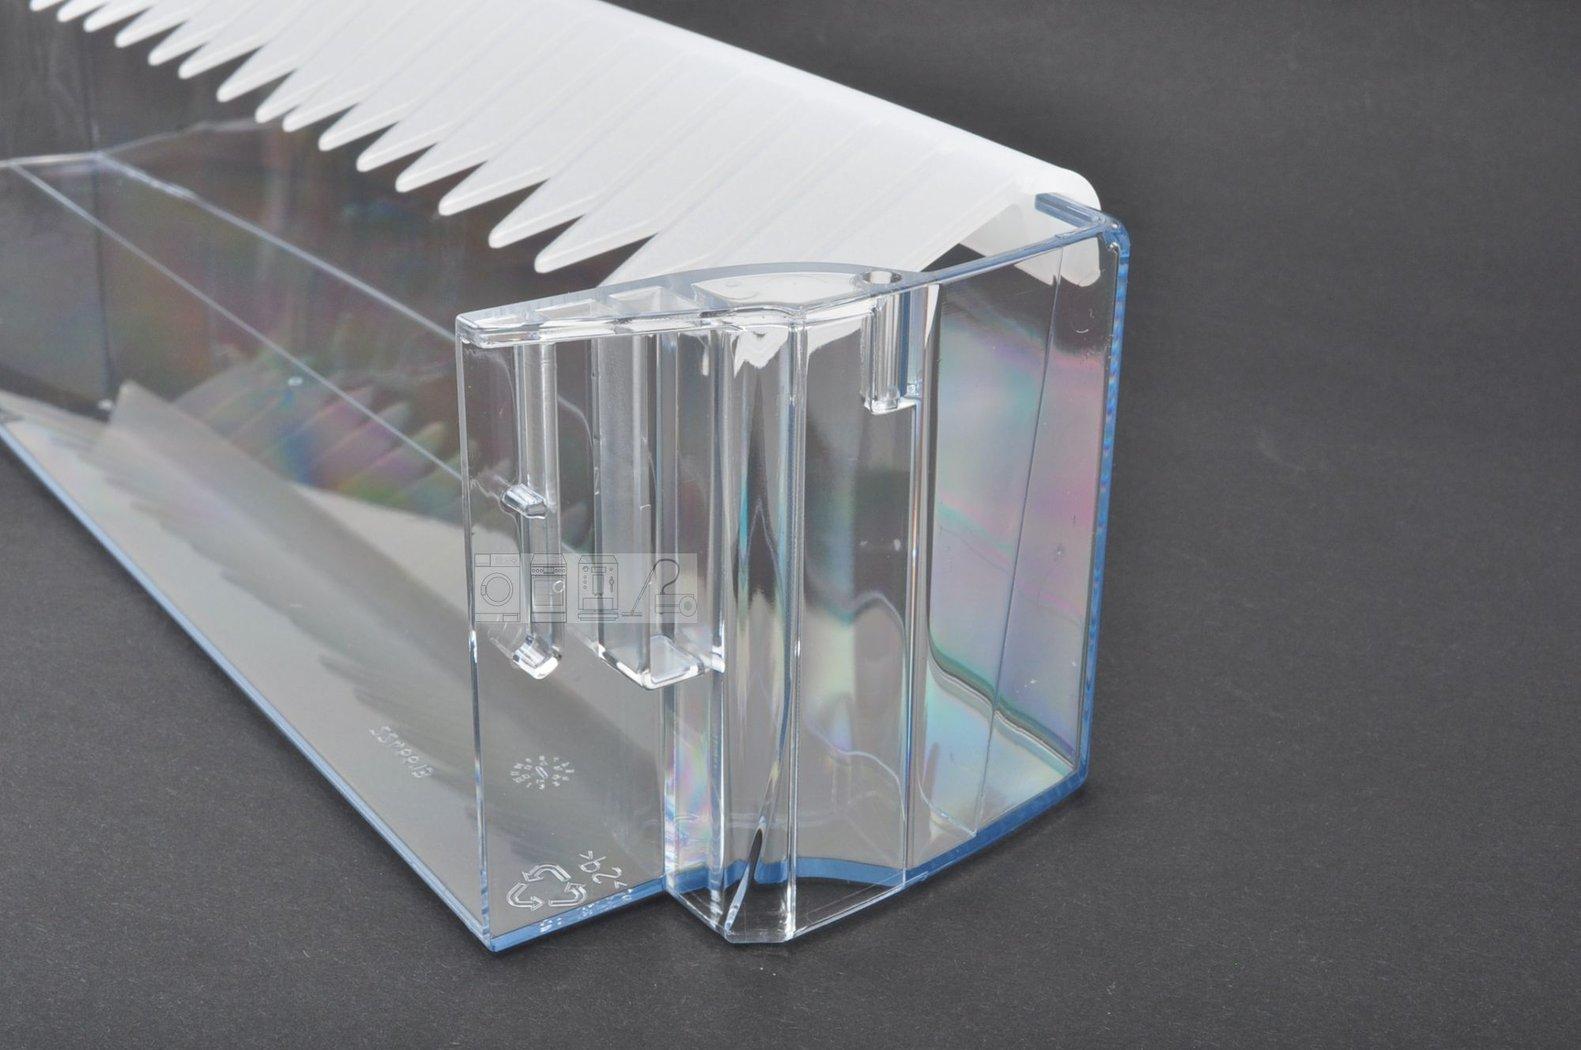 Kühlschrank Flaschenhalter Universal : Flaschenablage kühlschrank universal flaschenhalter kühlschrank